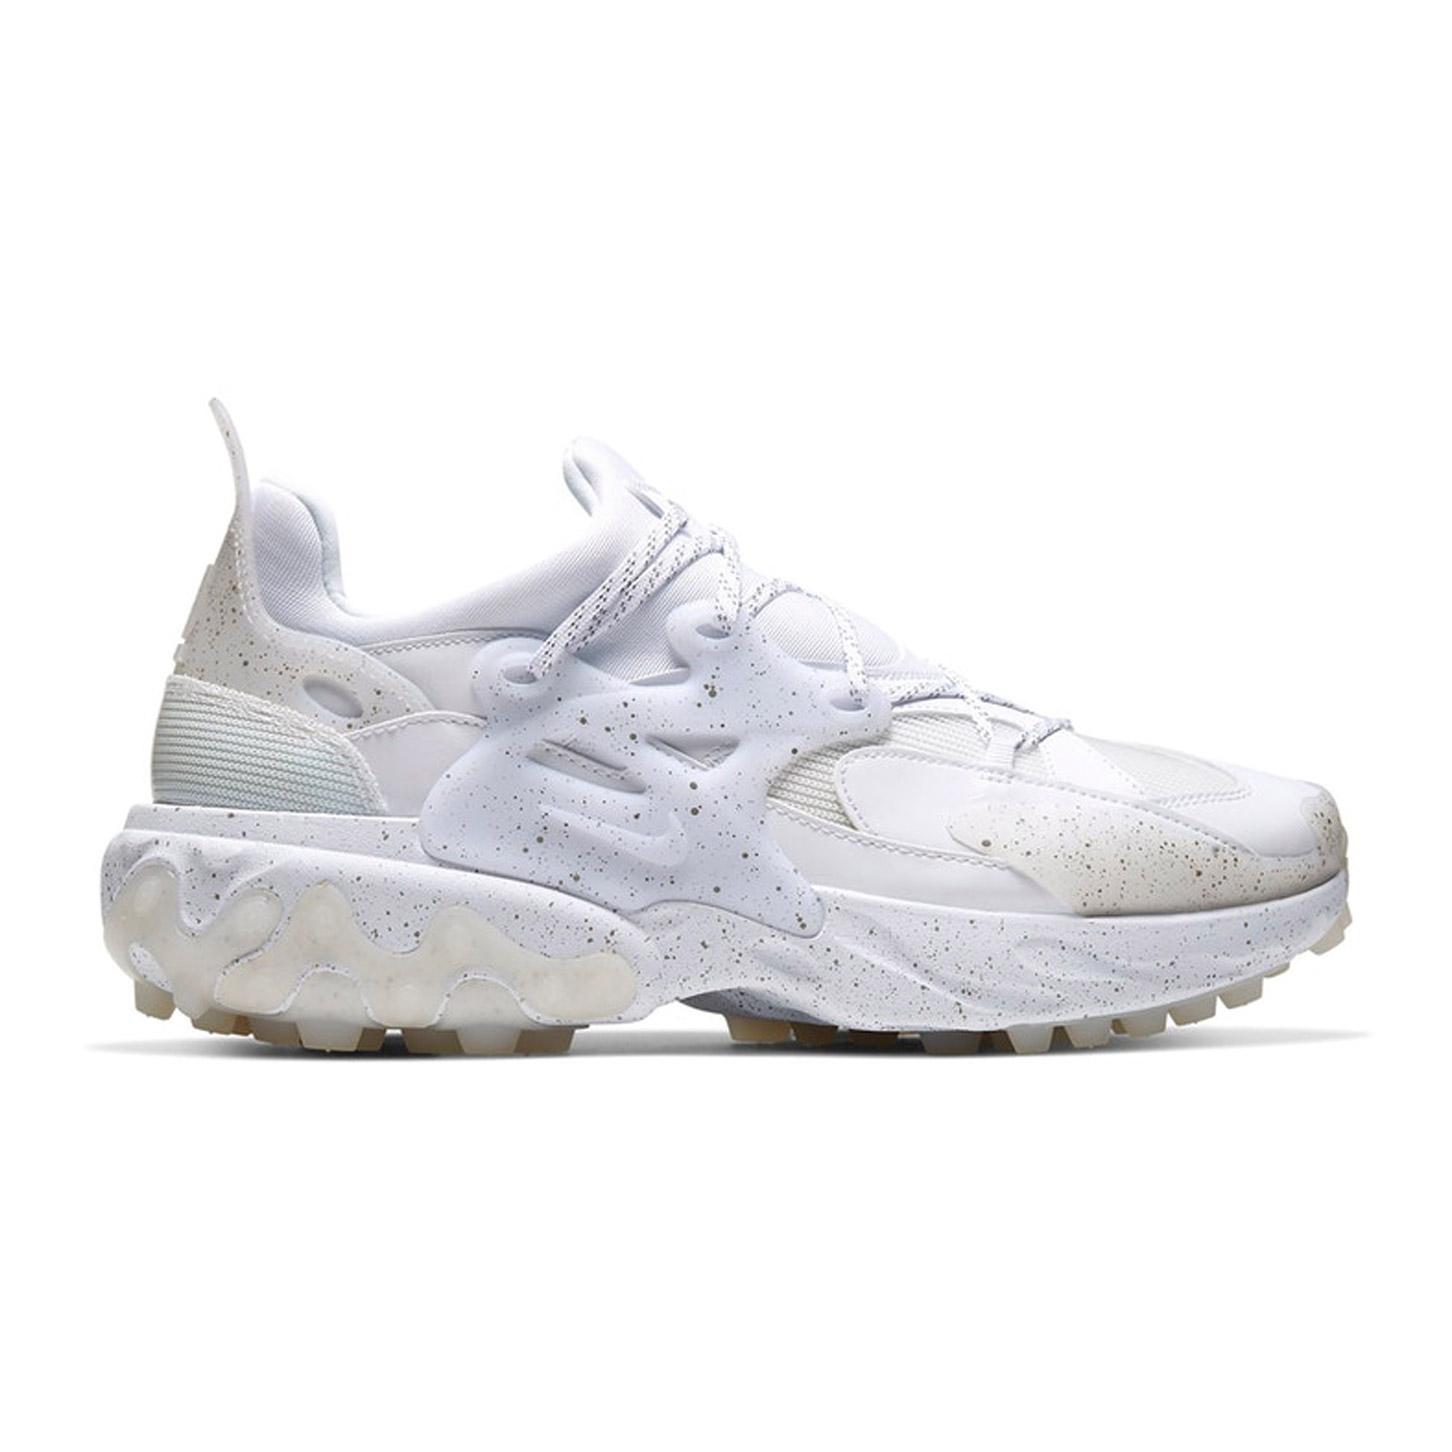 Nike-React-Presto-Undercover-White